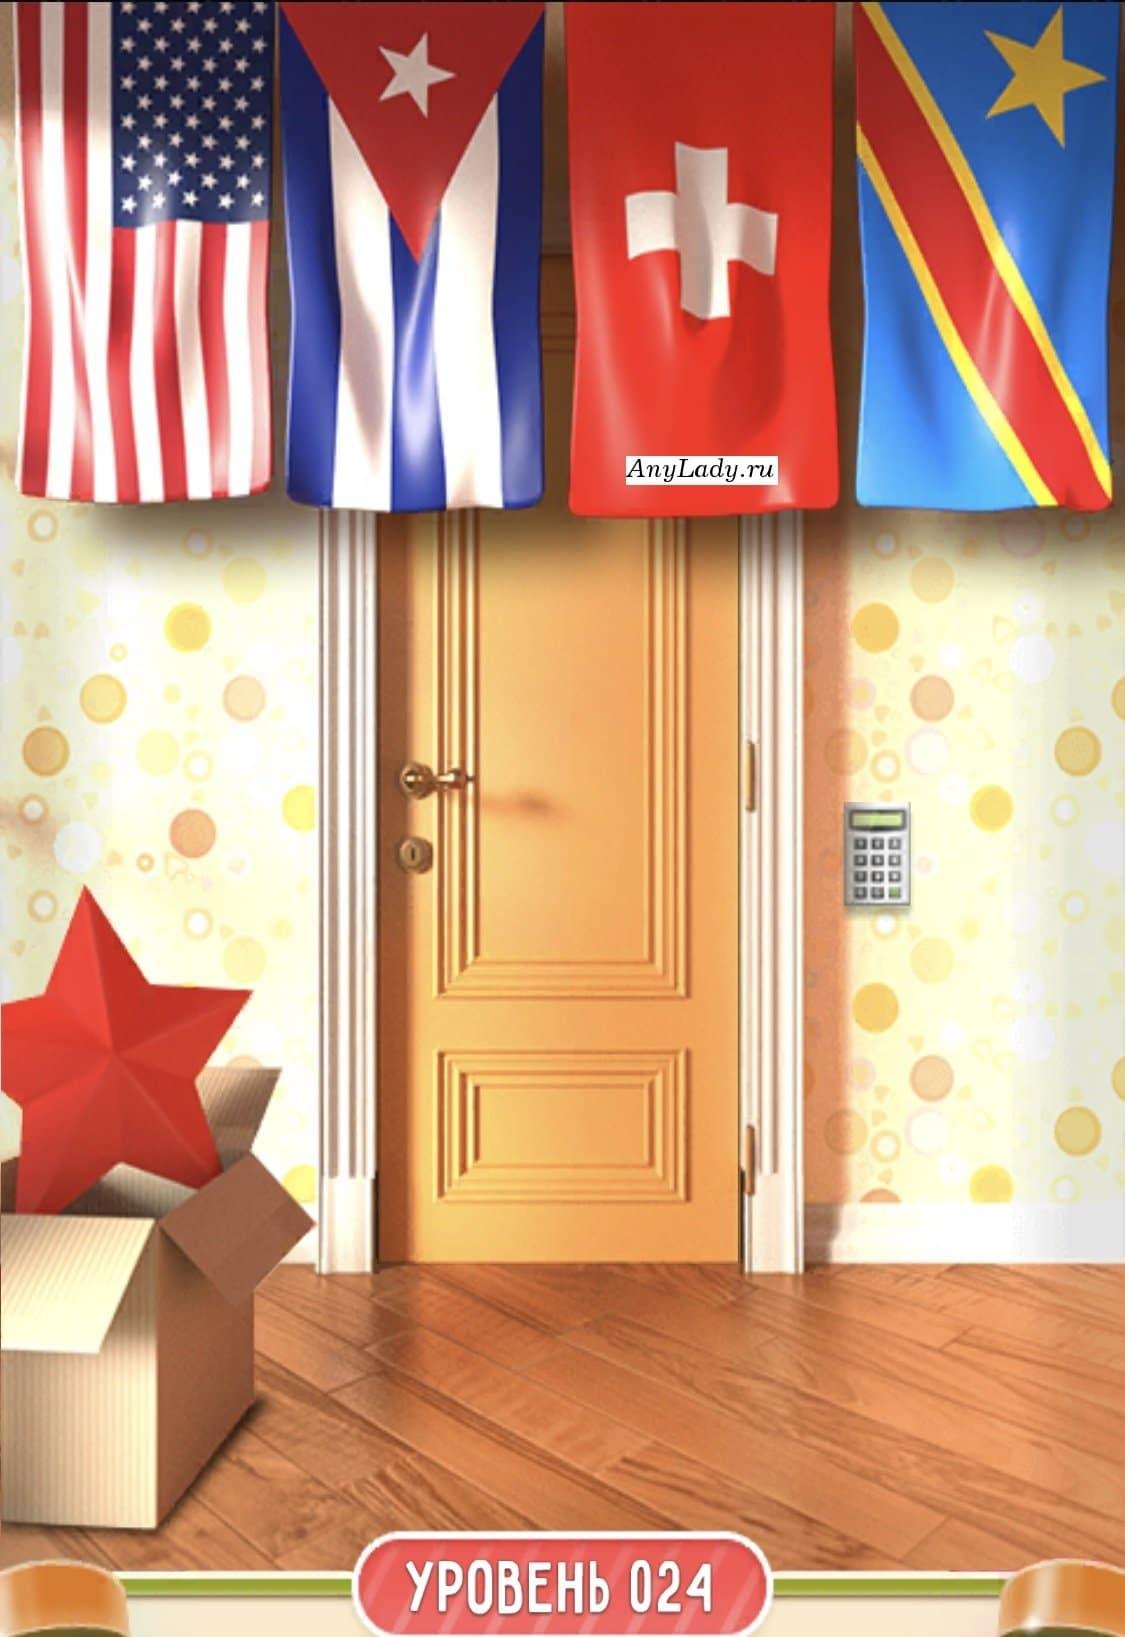 Посчитайте количество звезд на флагах и получите пароль от замка. Правильное решение: 50101